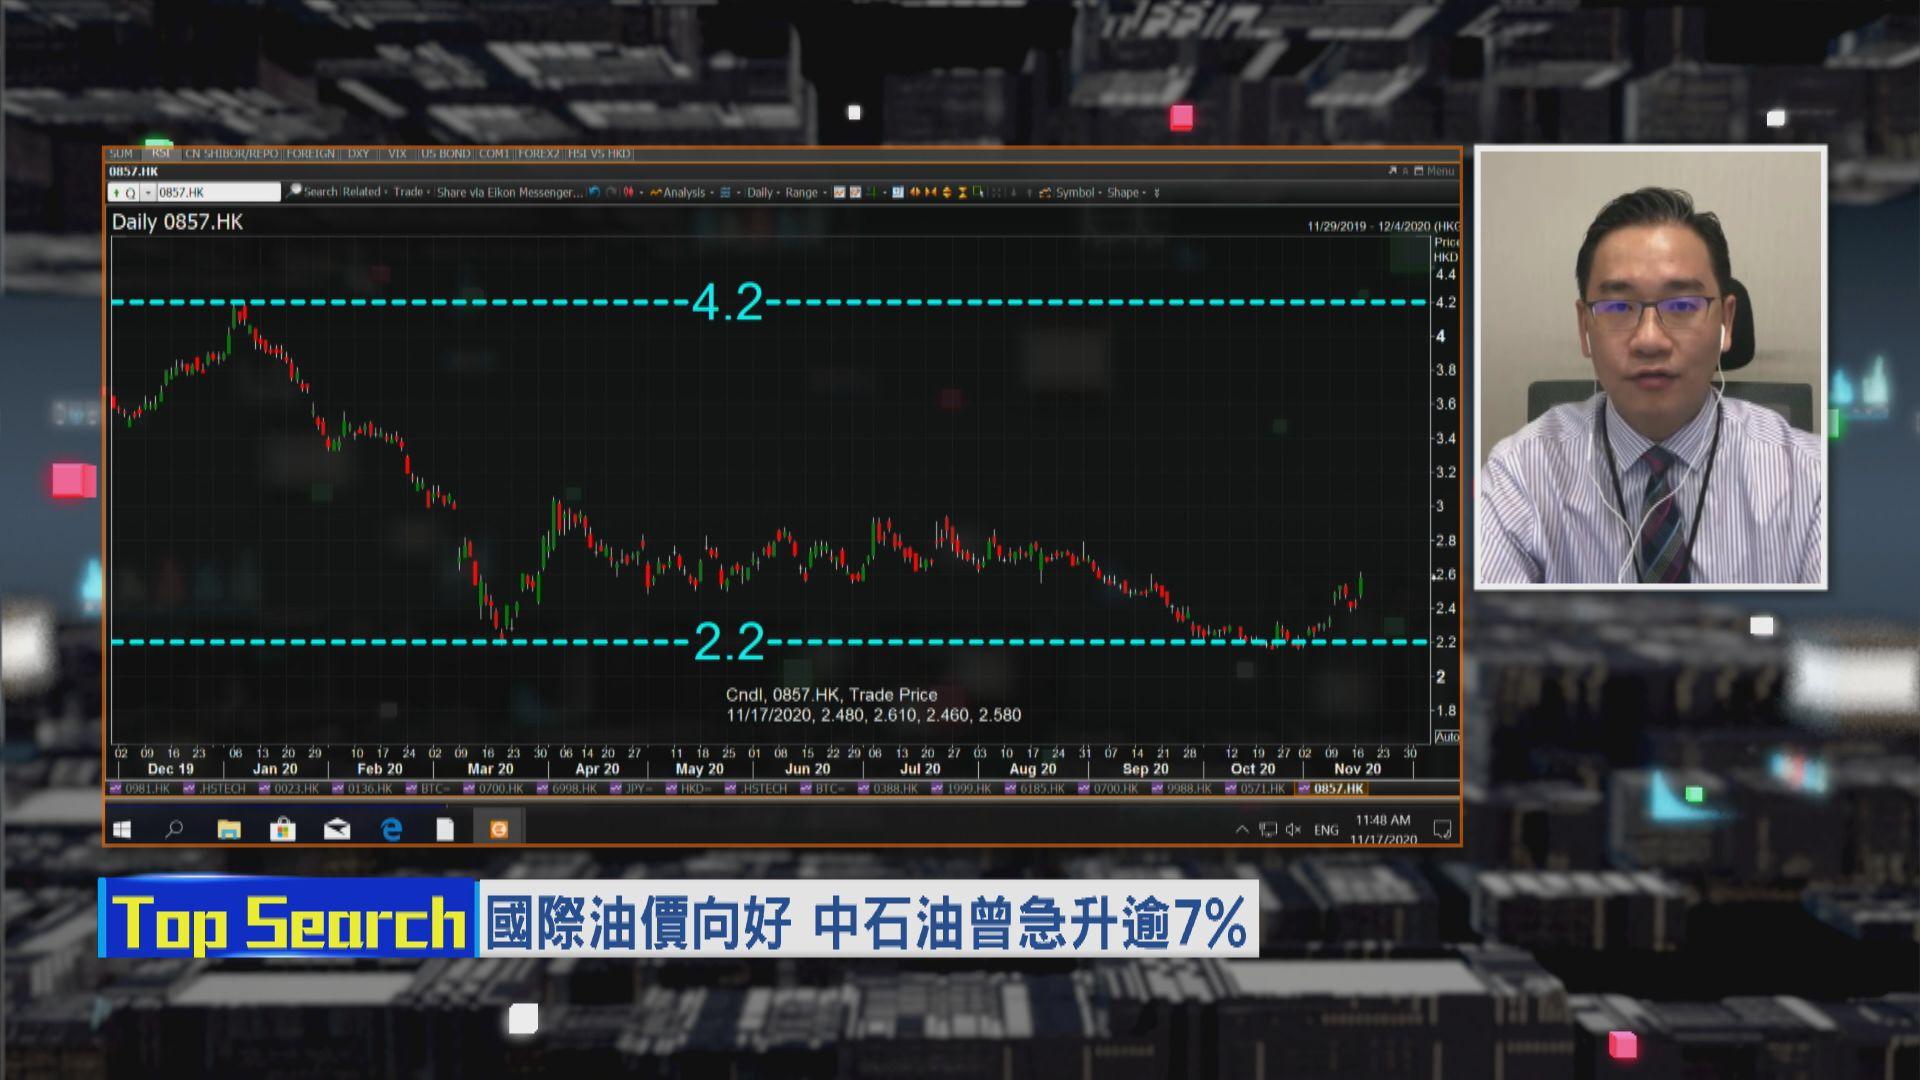 【財經TOP SEARCH】炒經濟復甦 中石油vs中海油?